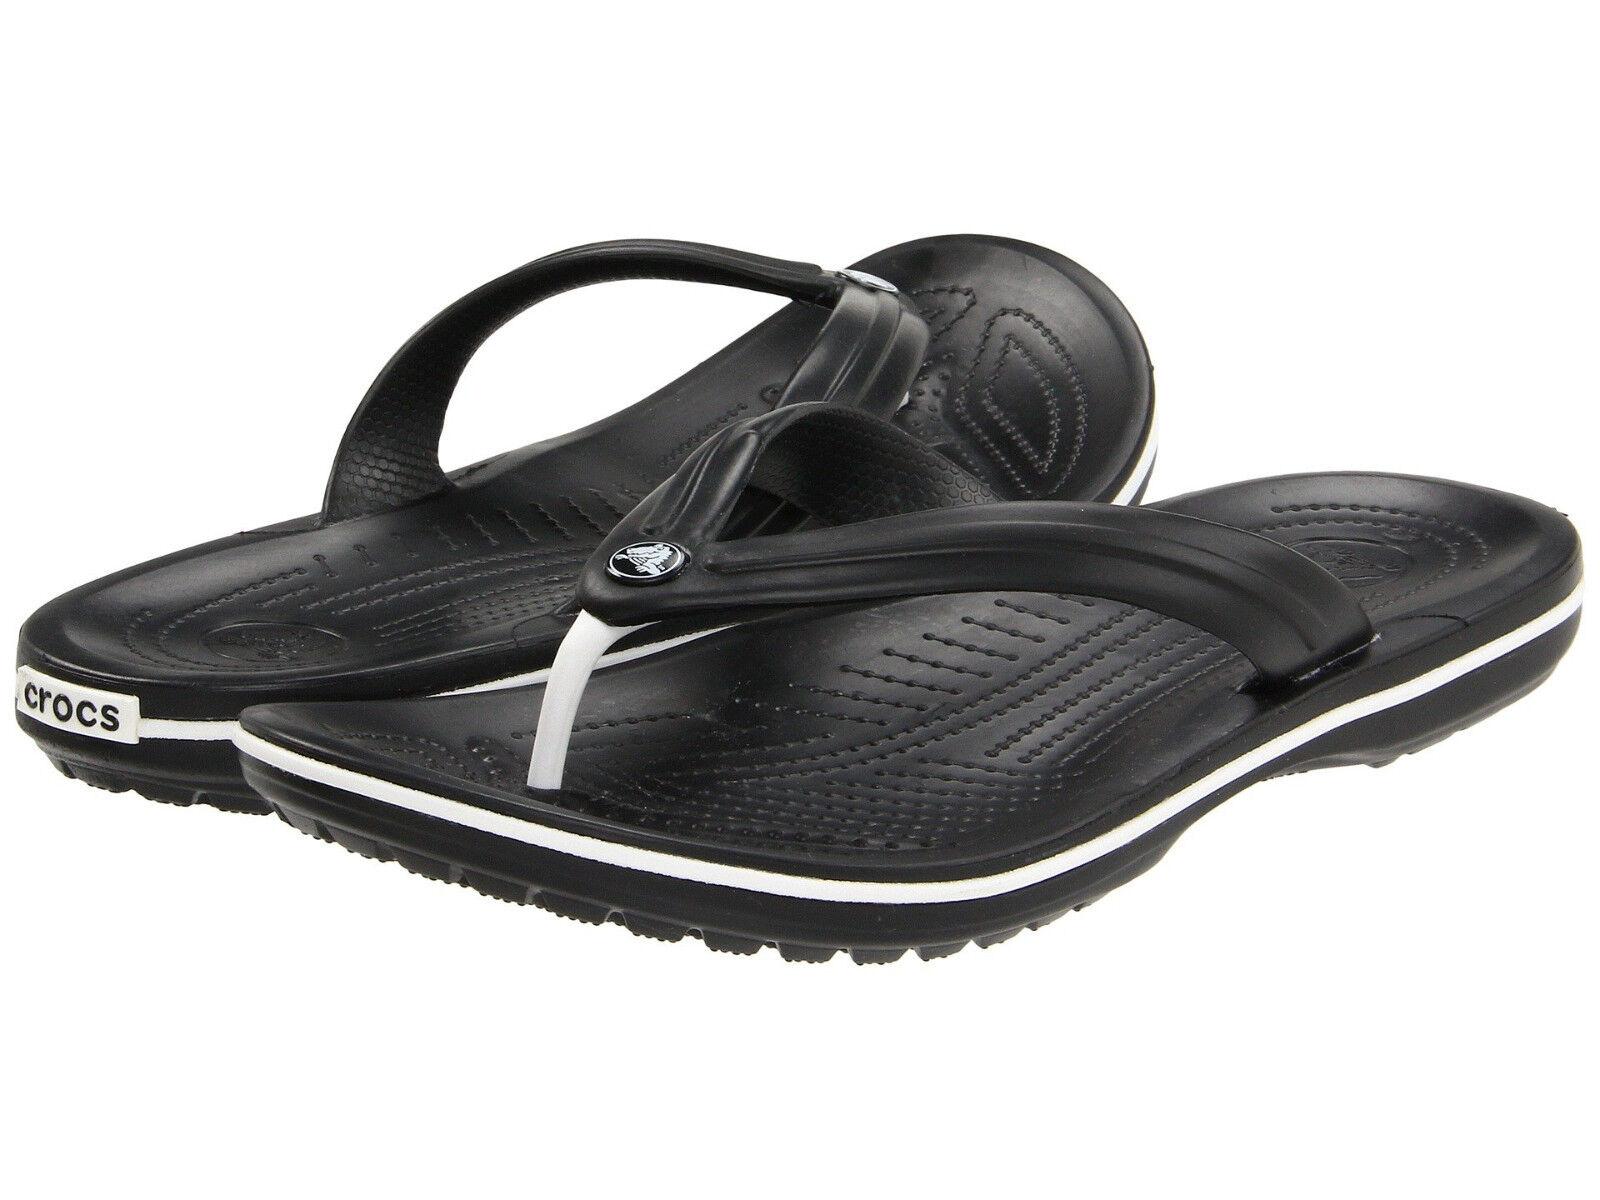 Men Crocs Crocband Flip Flop Sandal 11033-001 Black 100% Original Brand New